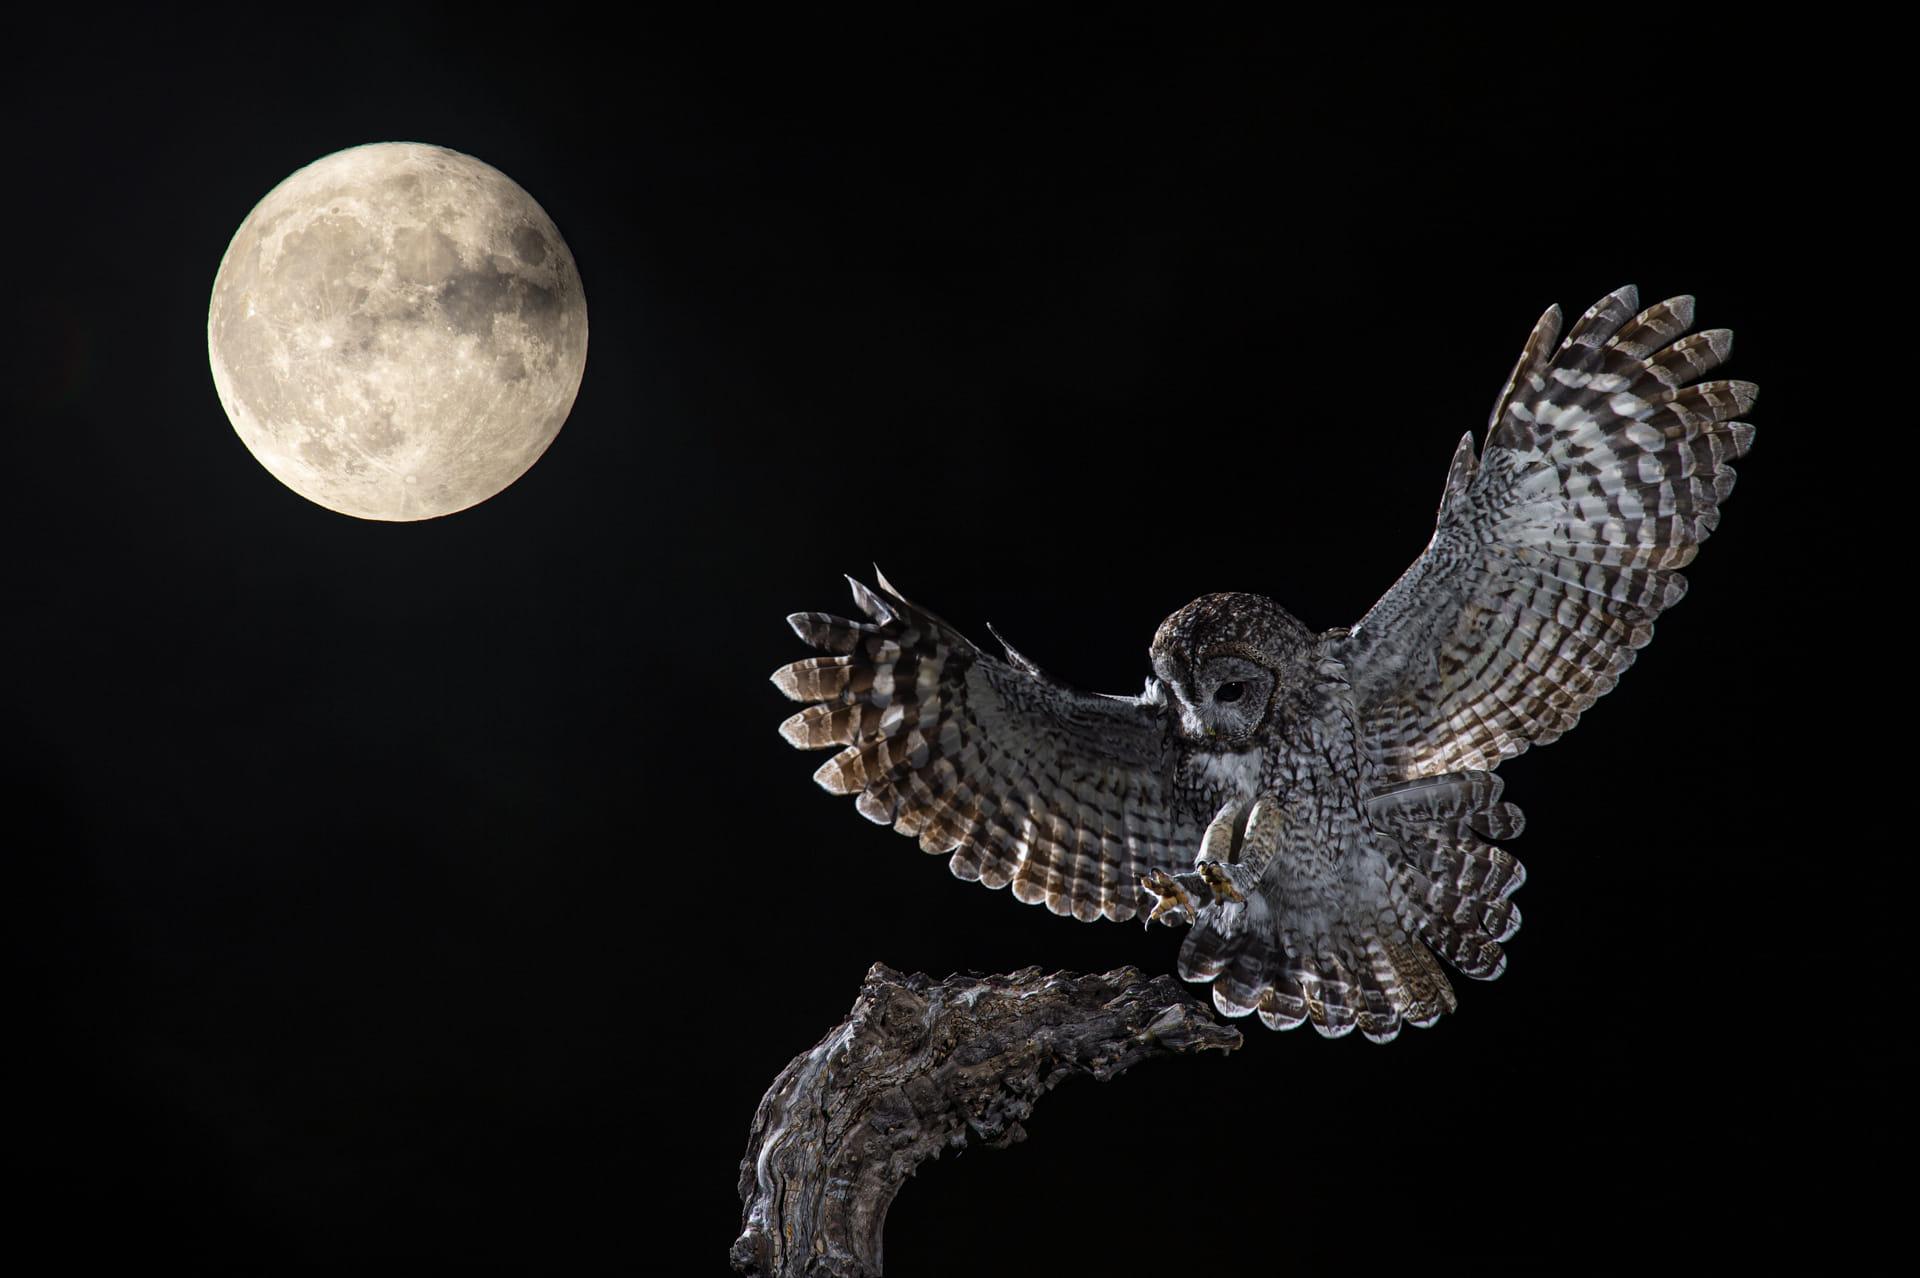 La luna y el cárabo